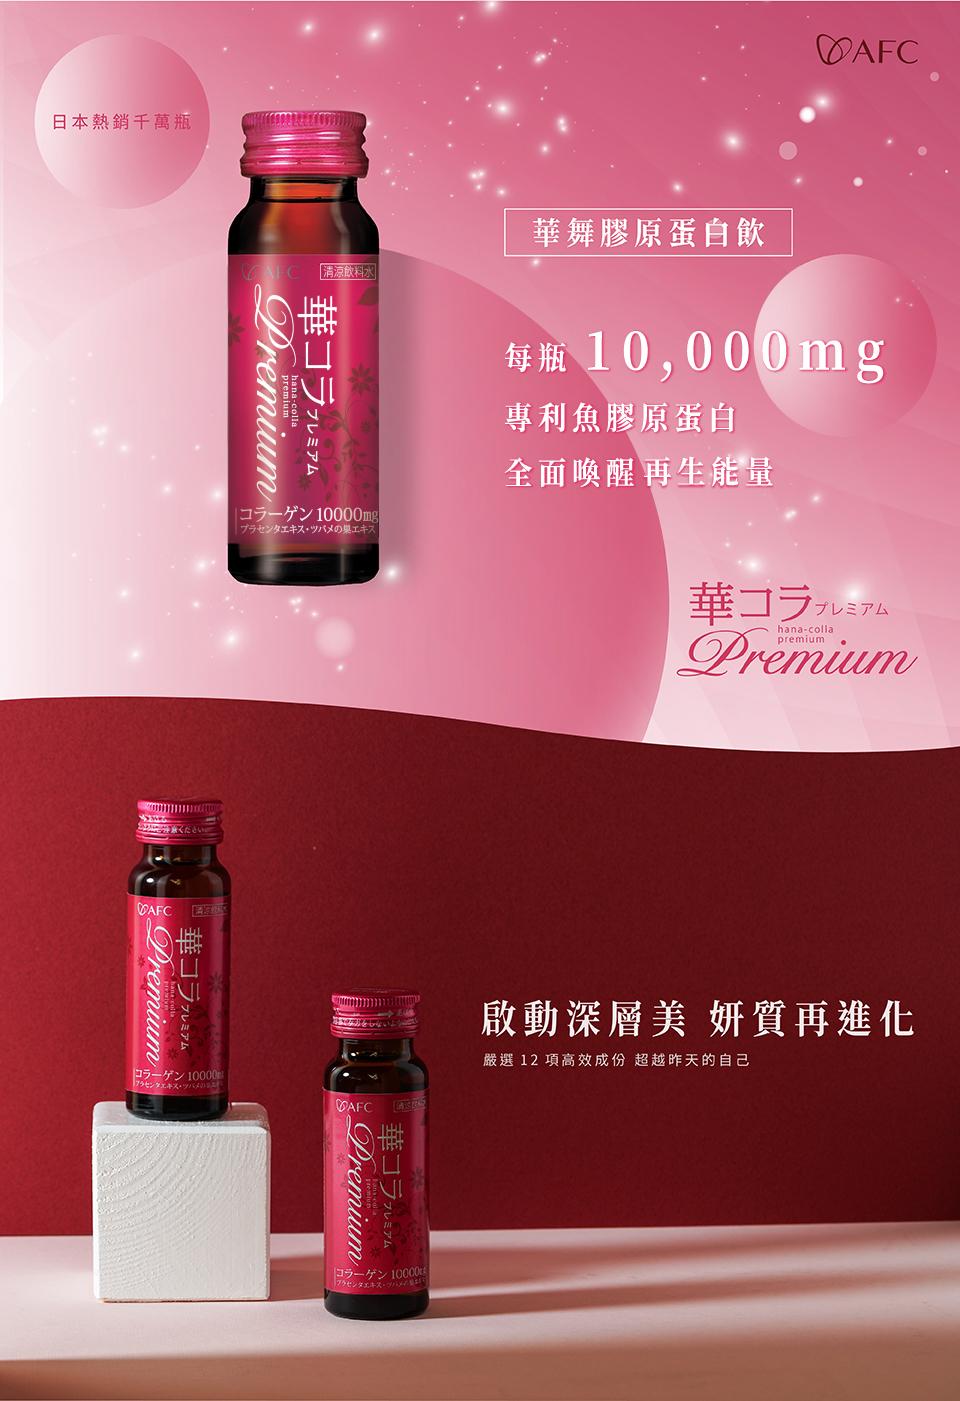 AFC宇勝淺山 美妍拉提Premium膠原蛋白飲